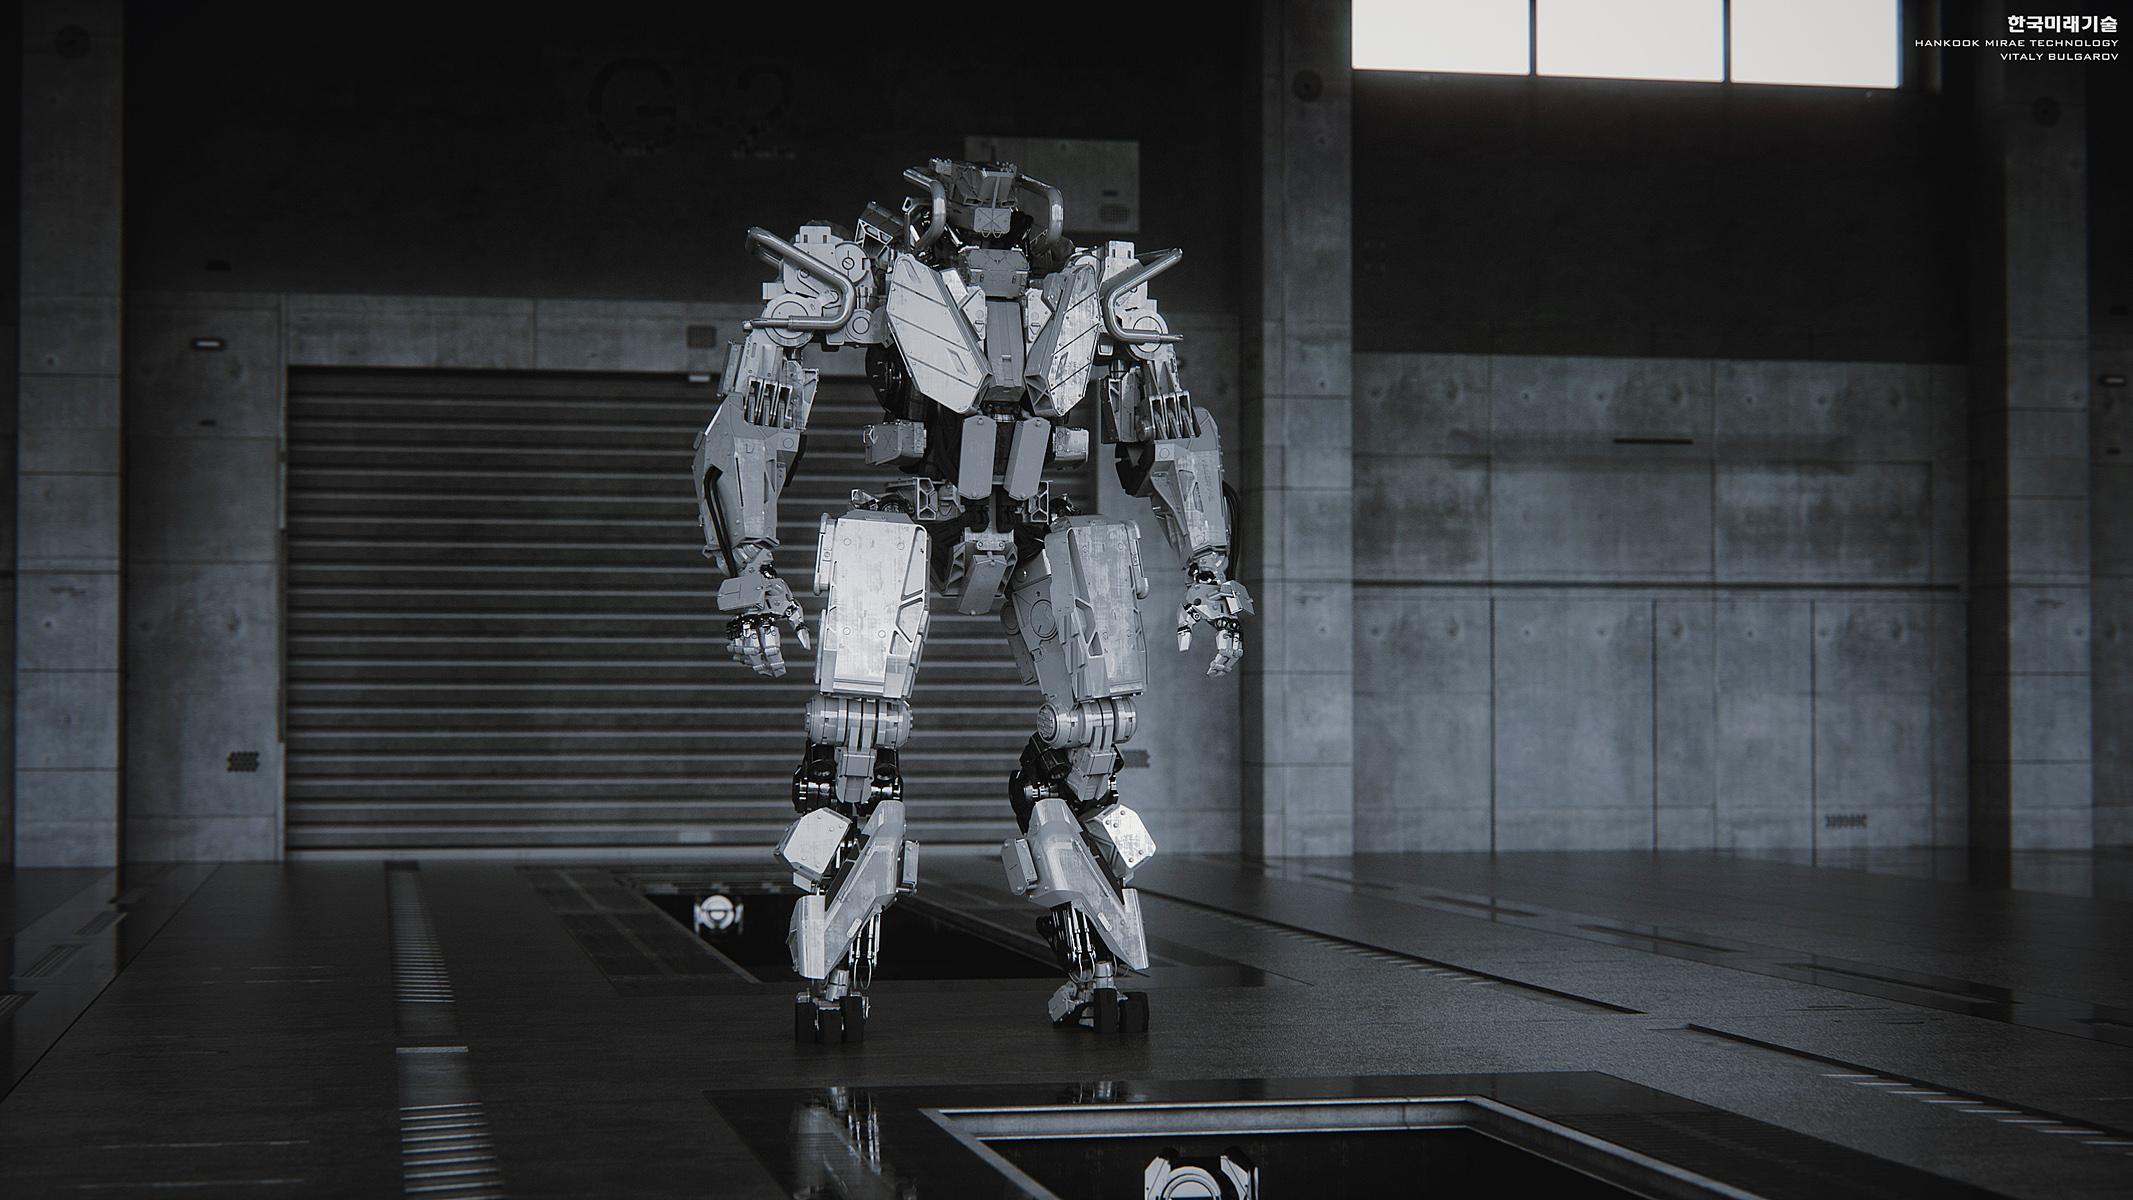 KFT_250cmRobot_V3_02.jpg